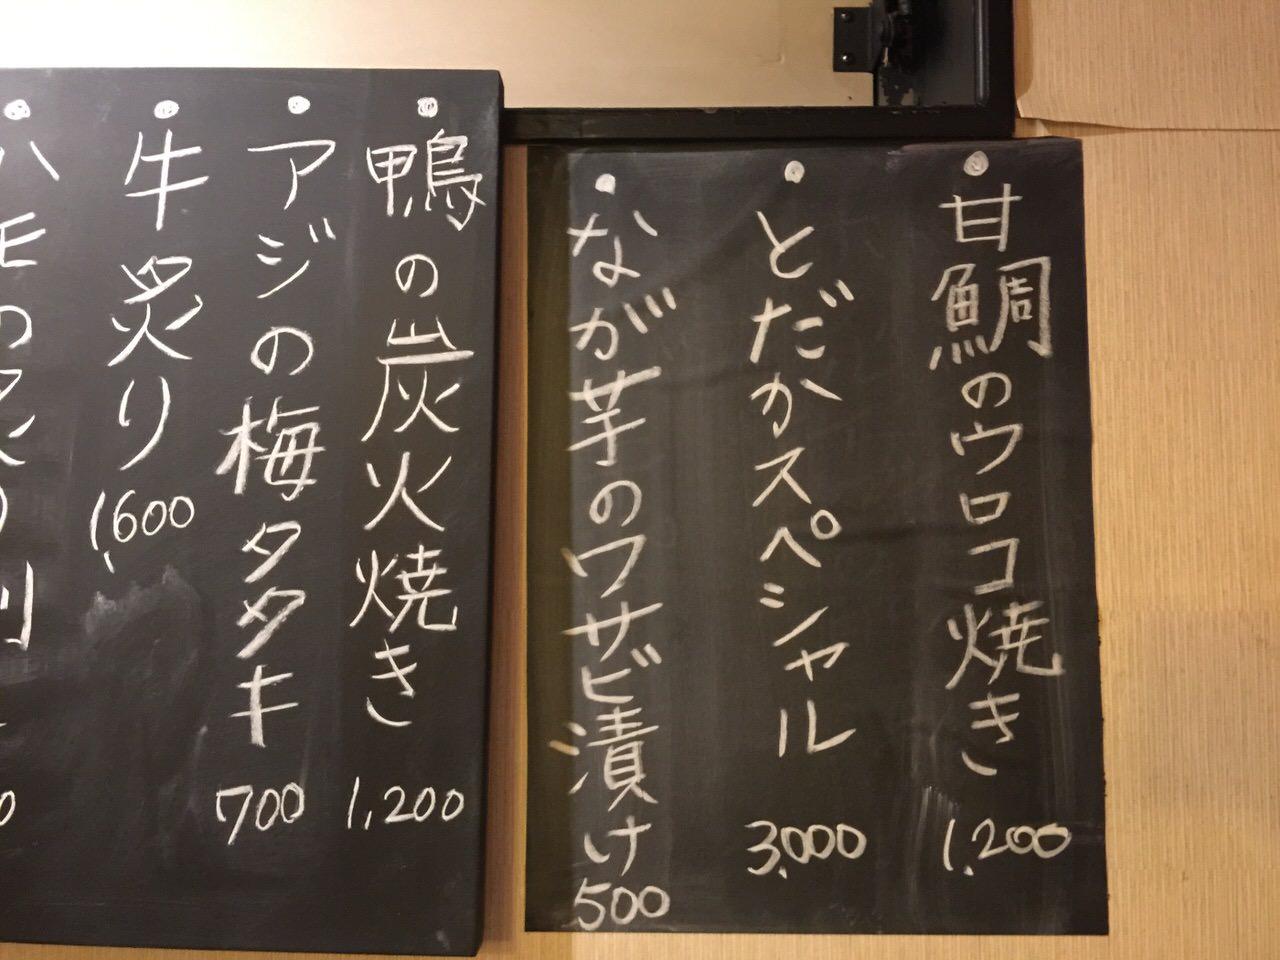 Todaka gotanda 6893